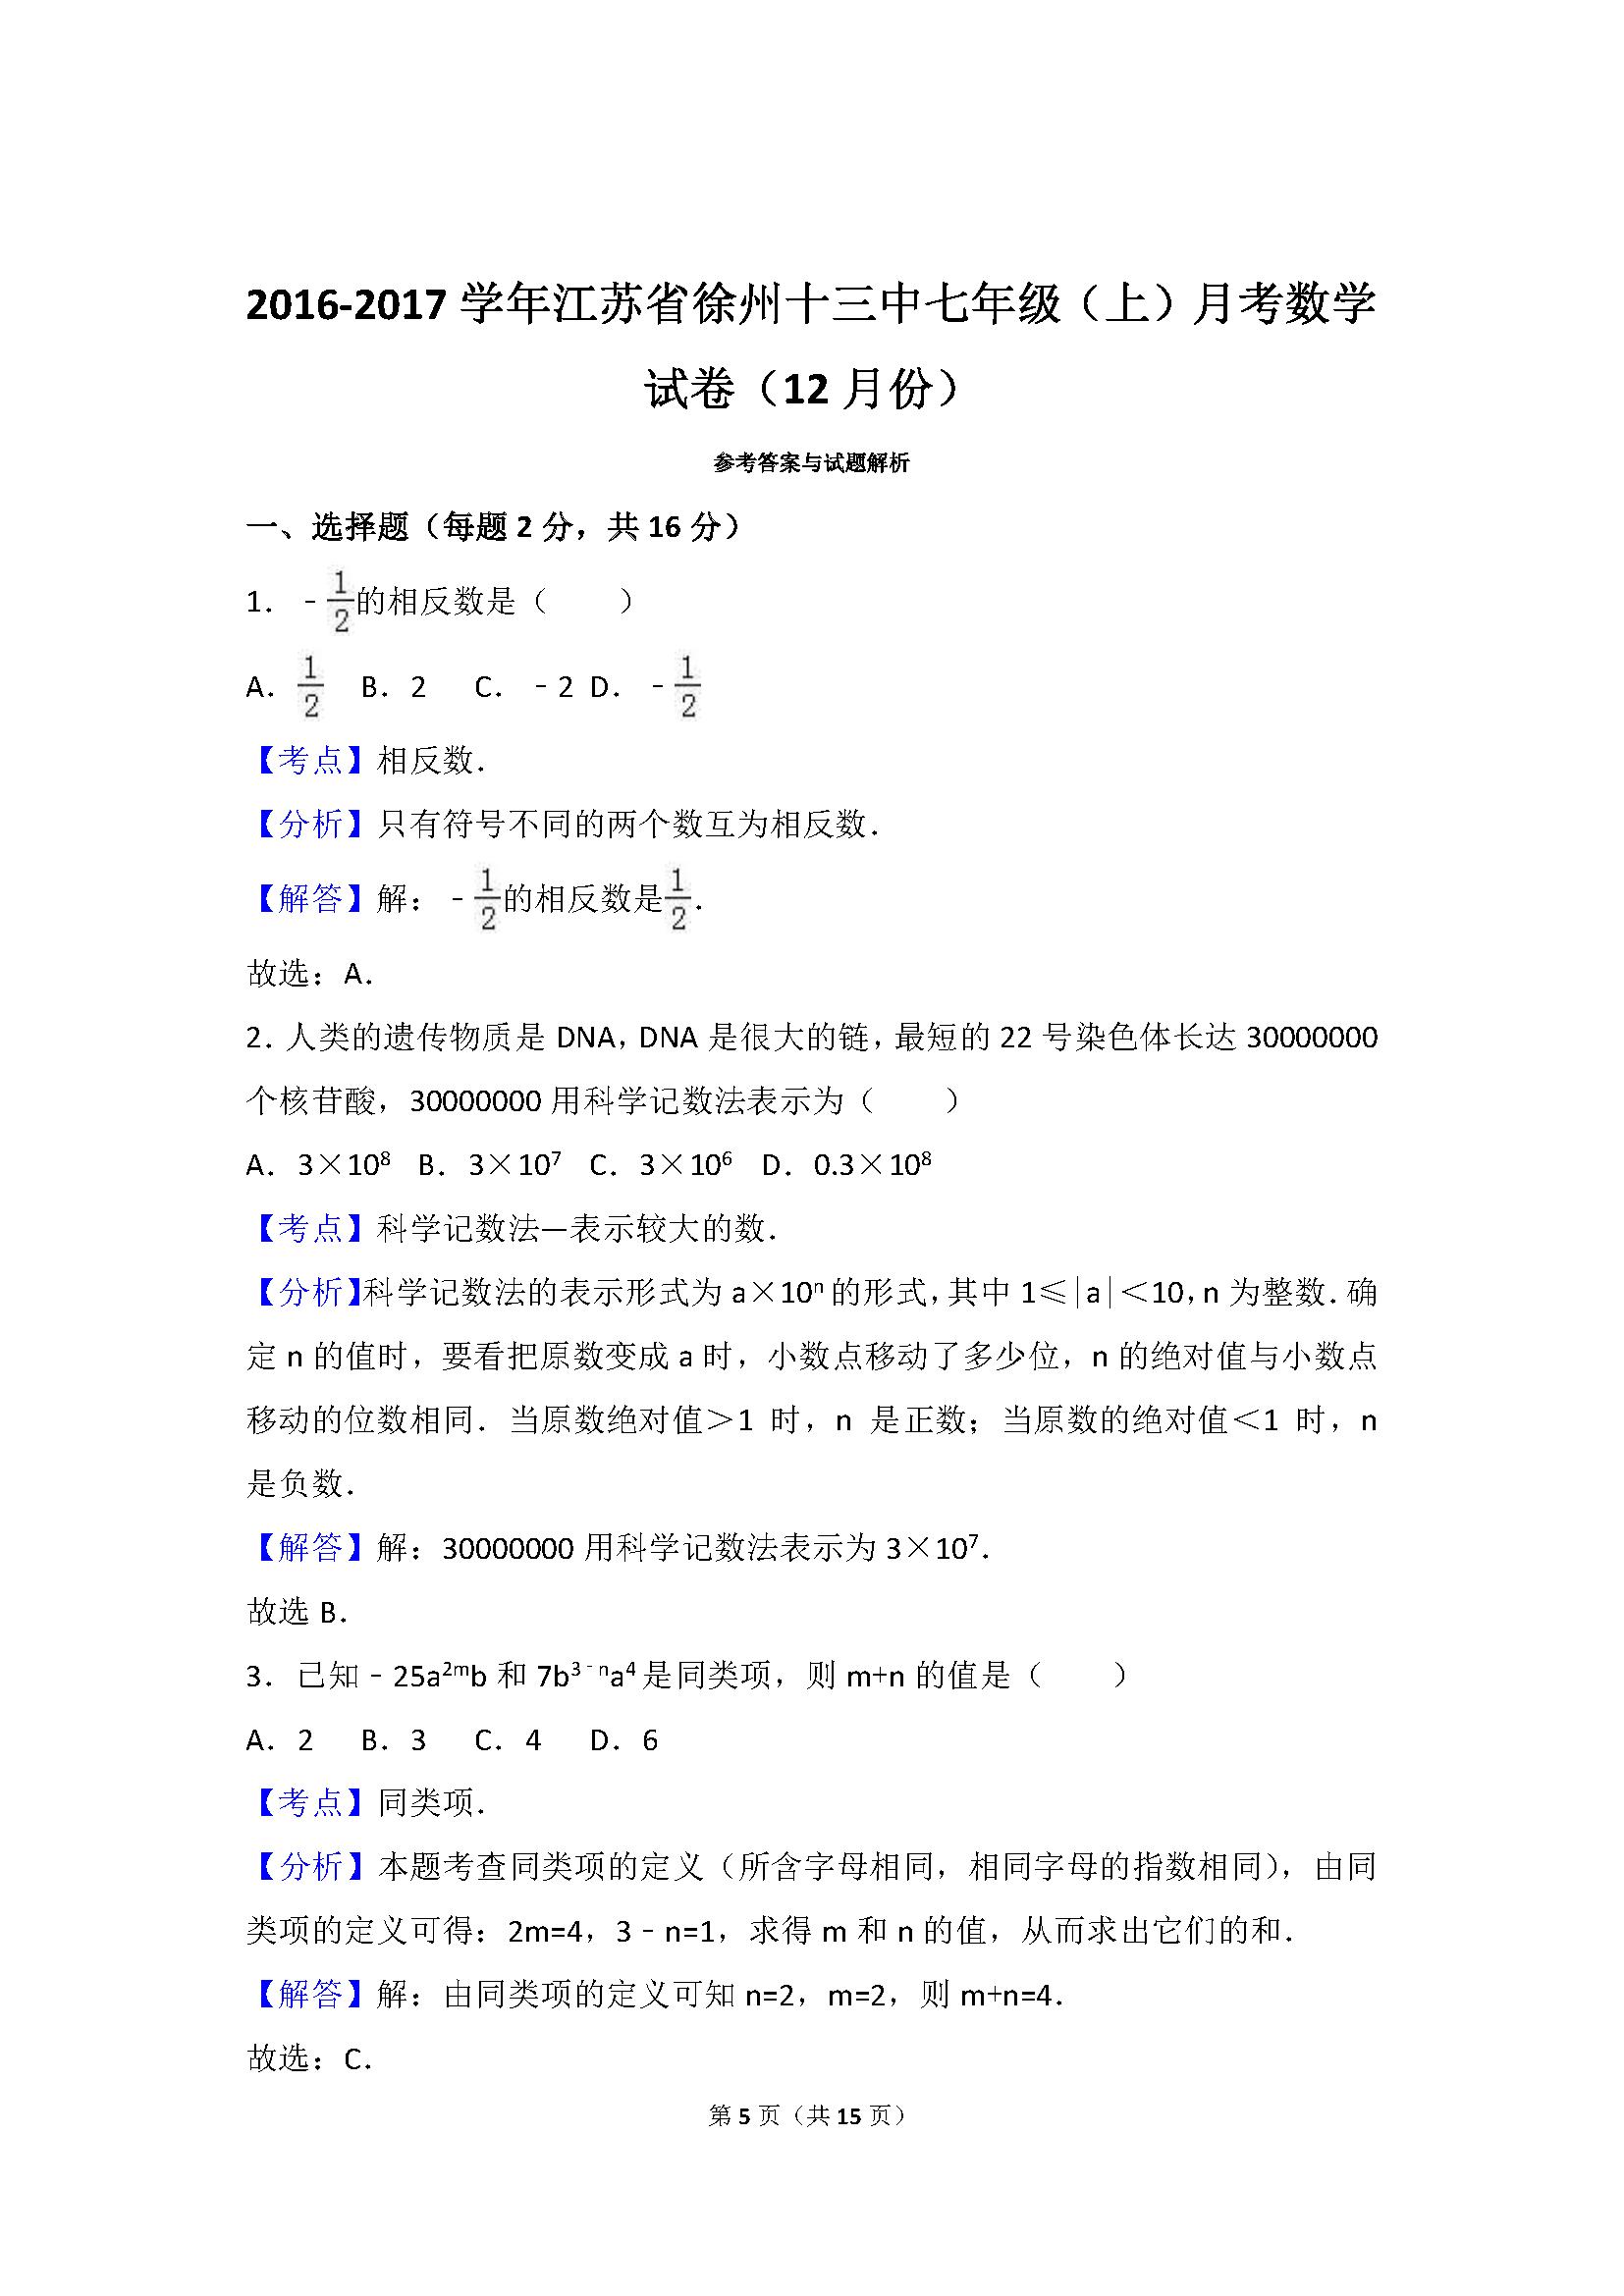 2017江苏徐州七年级上12月份月考数学试卷答案(Word版)